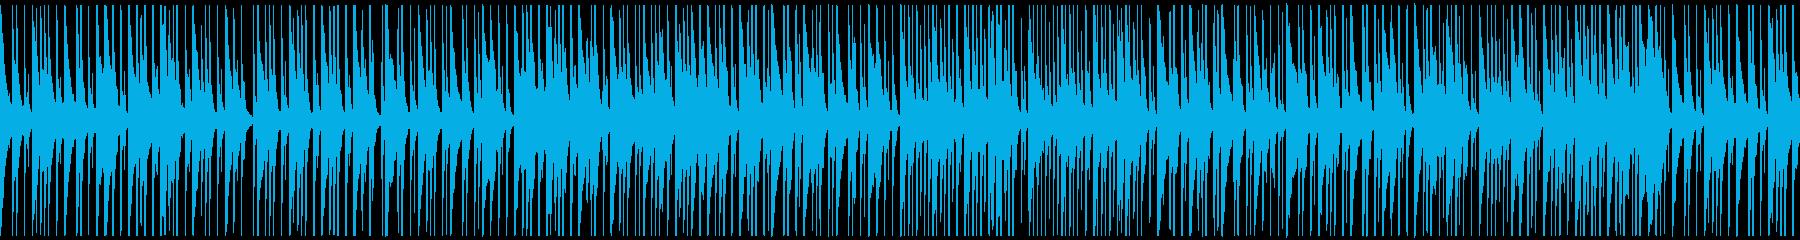 和風・江戸時代の風景/ゲーム・映像/M9の再生済みの波形